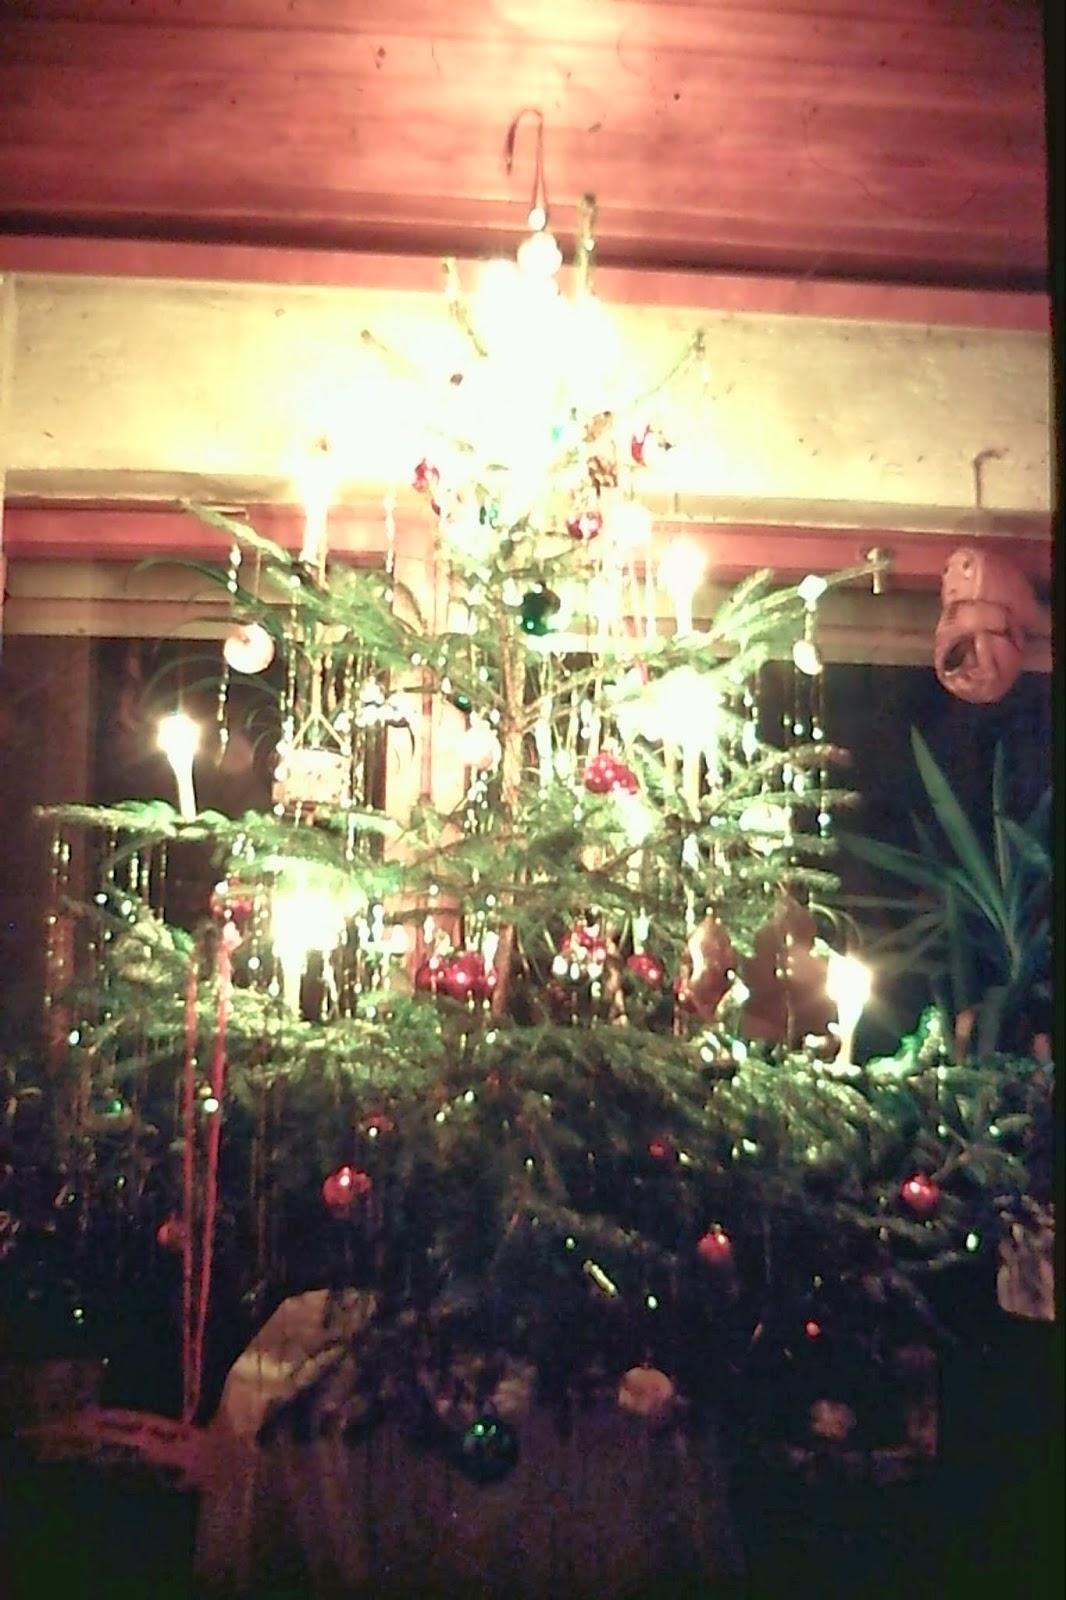 Weihnachtsgrüße Für.Die Farben Der Seele Weihnachtsgrüße An Meine Schwester